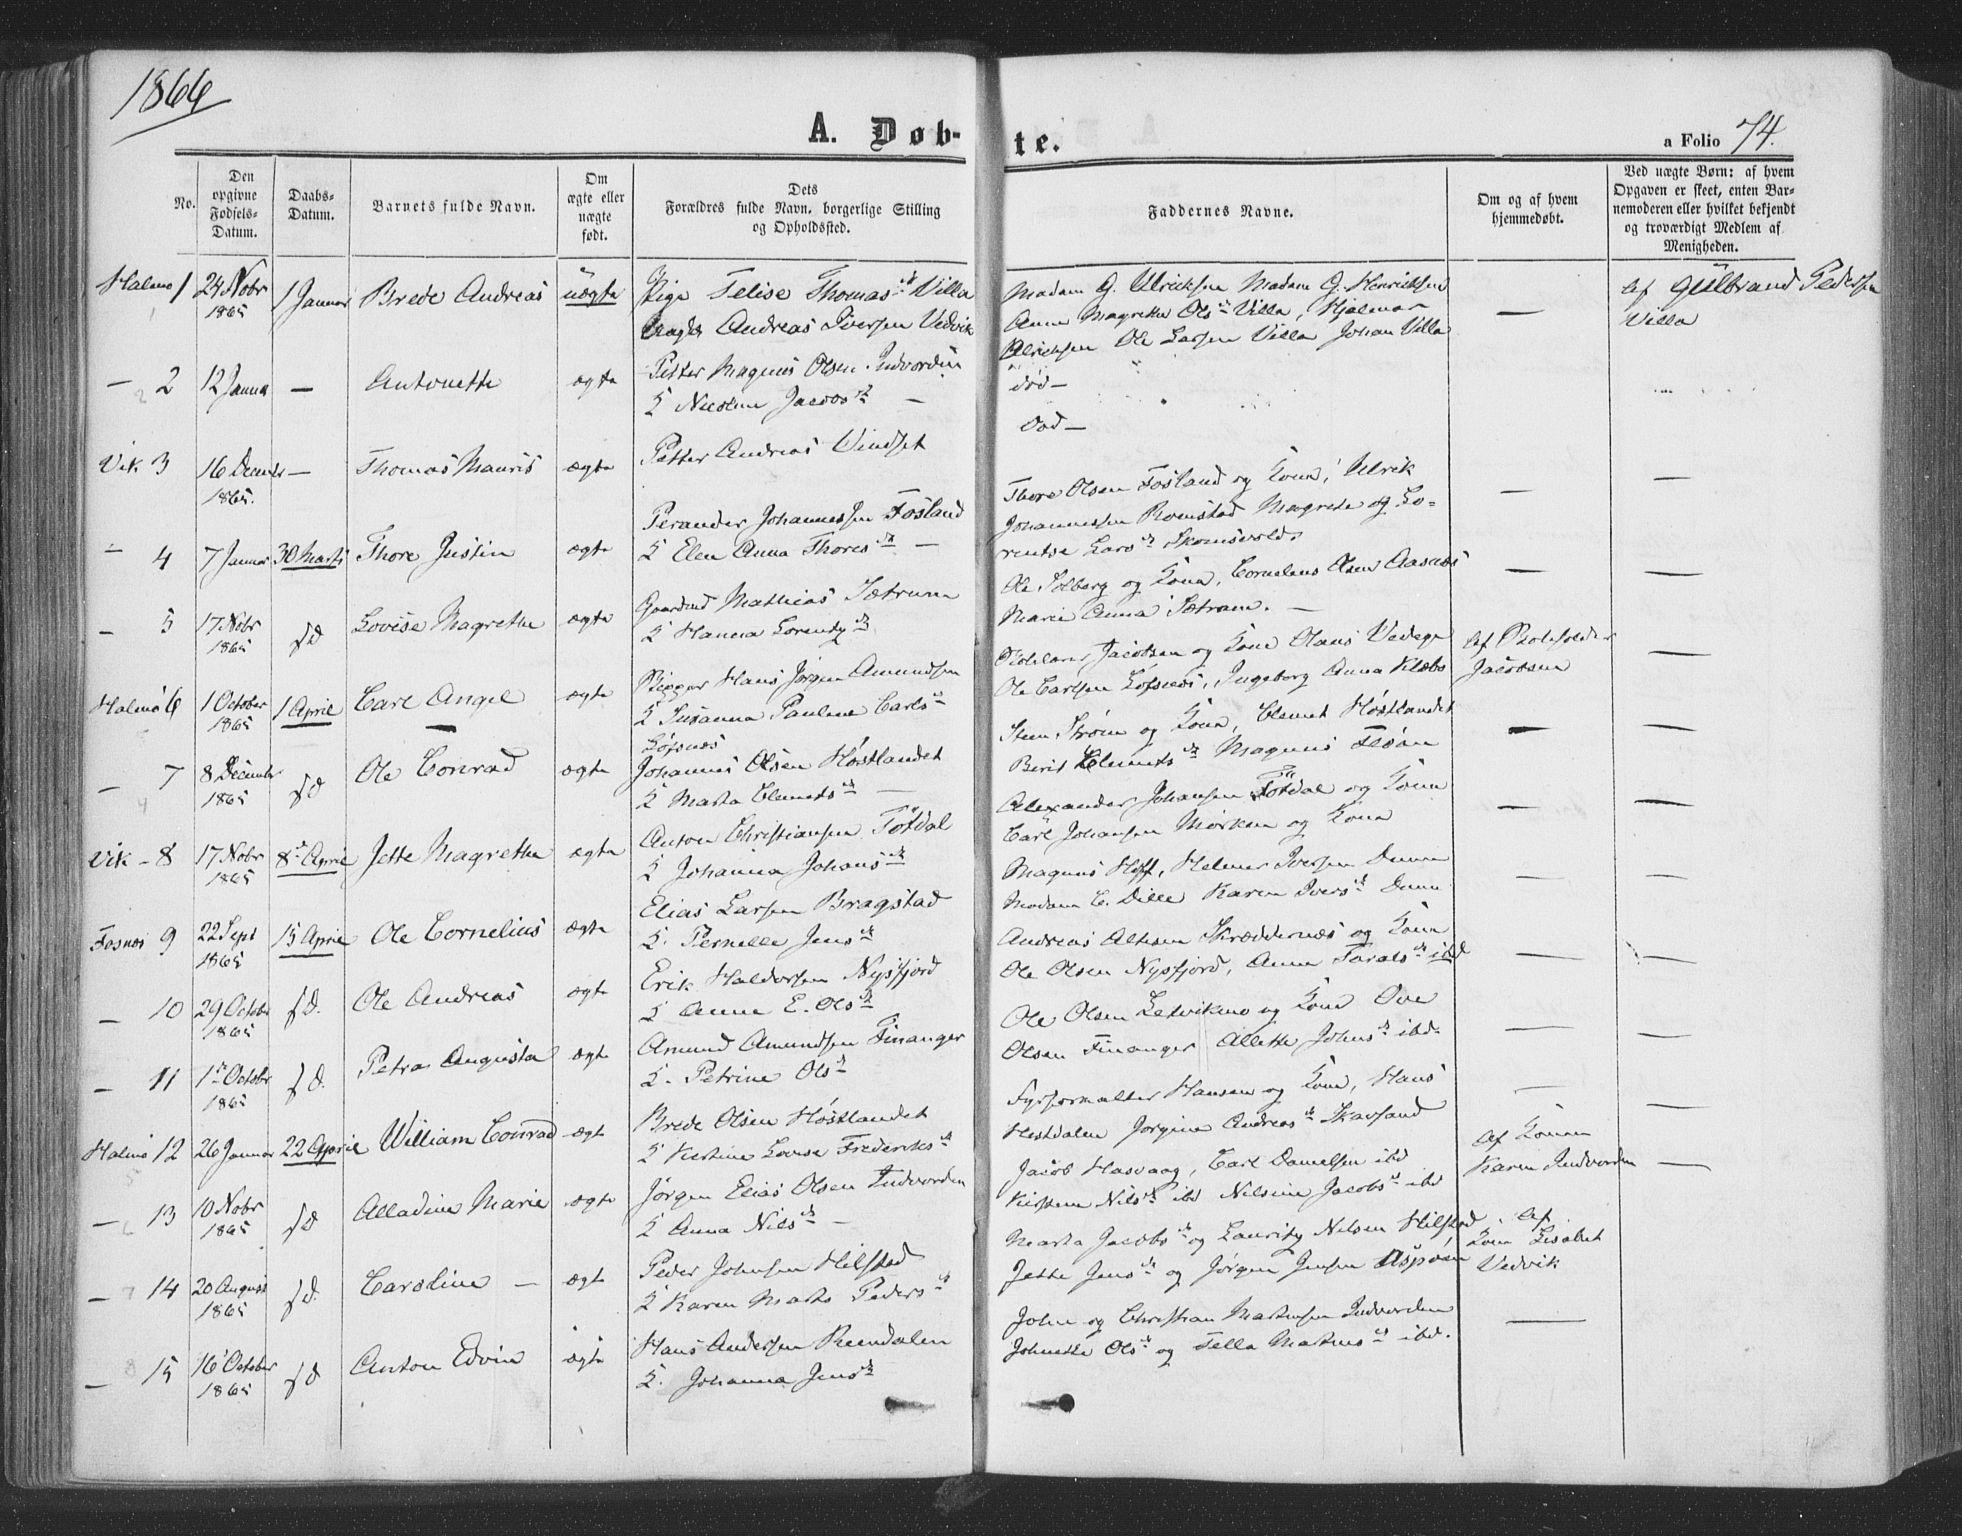 SAT, Ministerialprotokoller, klokkerbøker og fødselsregistre - Nord-Trøndelag, 773/L0615: Ministerialbok nr. 773A06, 1857-1870, s. 74